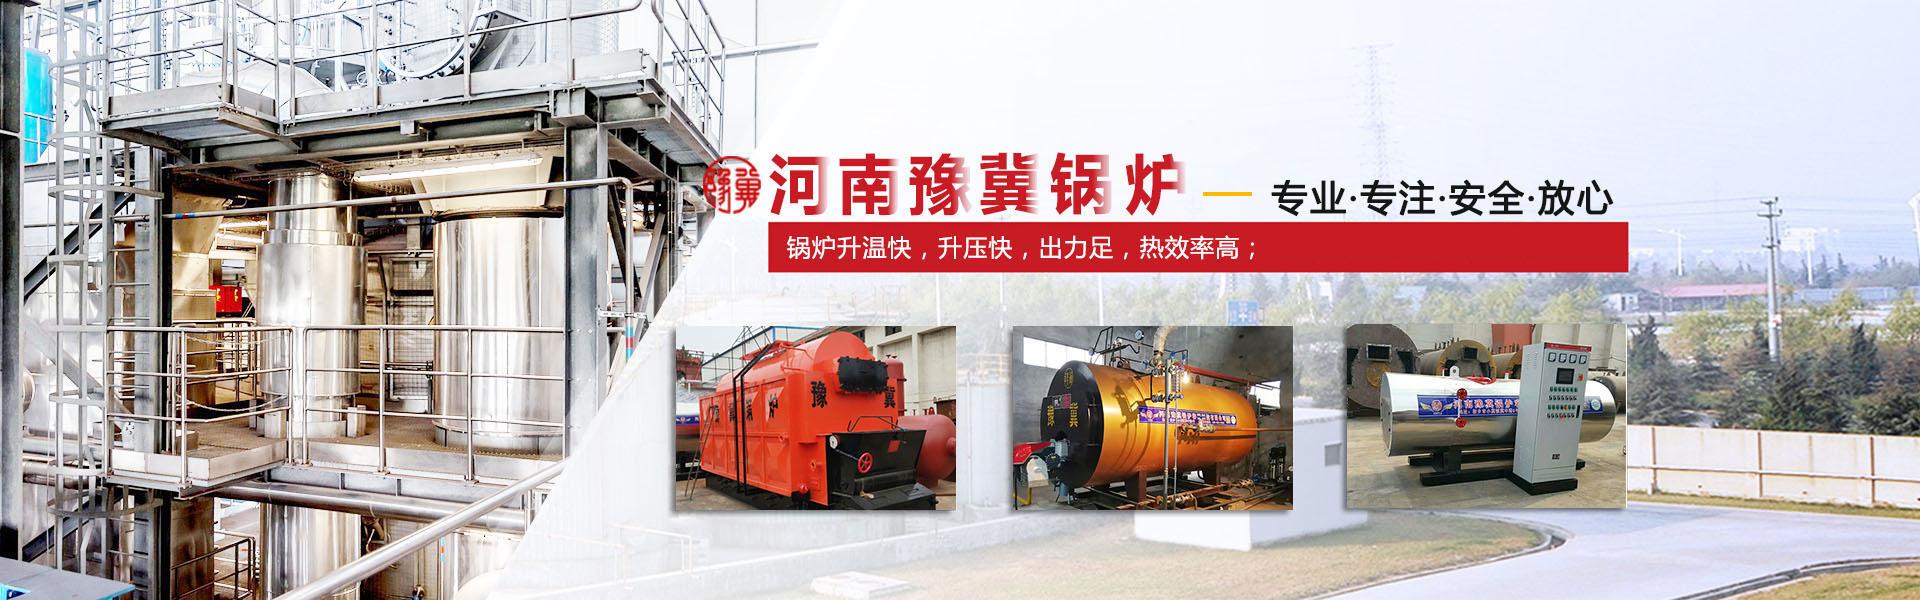 天燃气锅炉价格